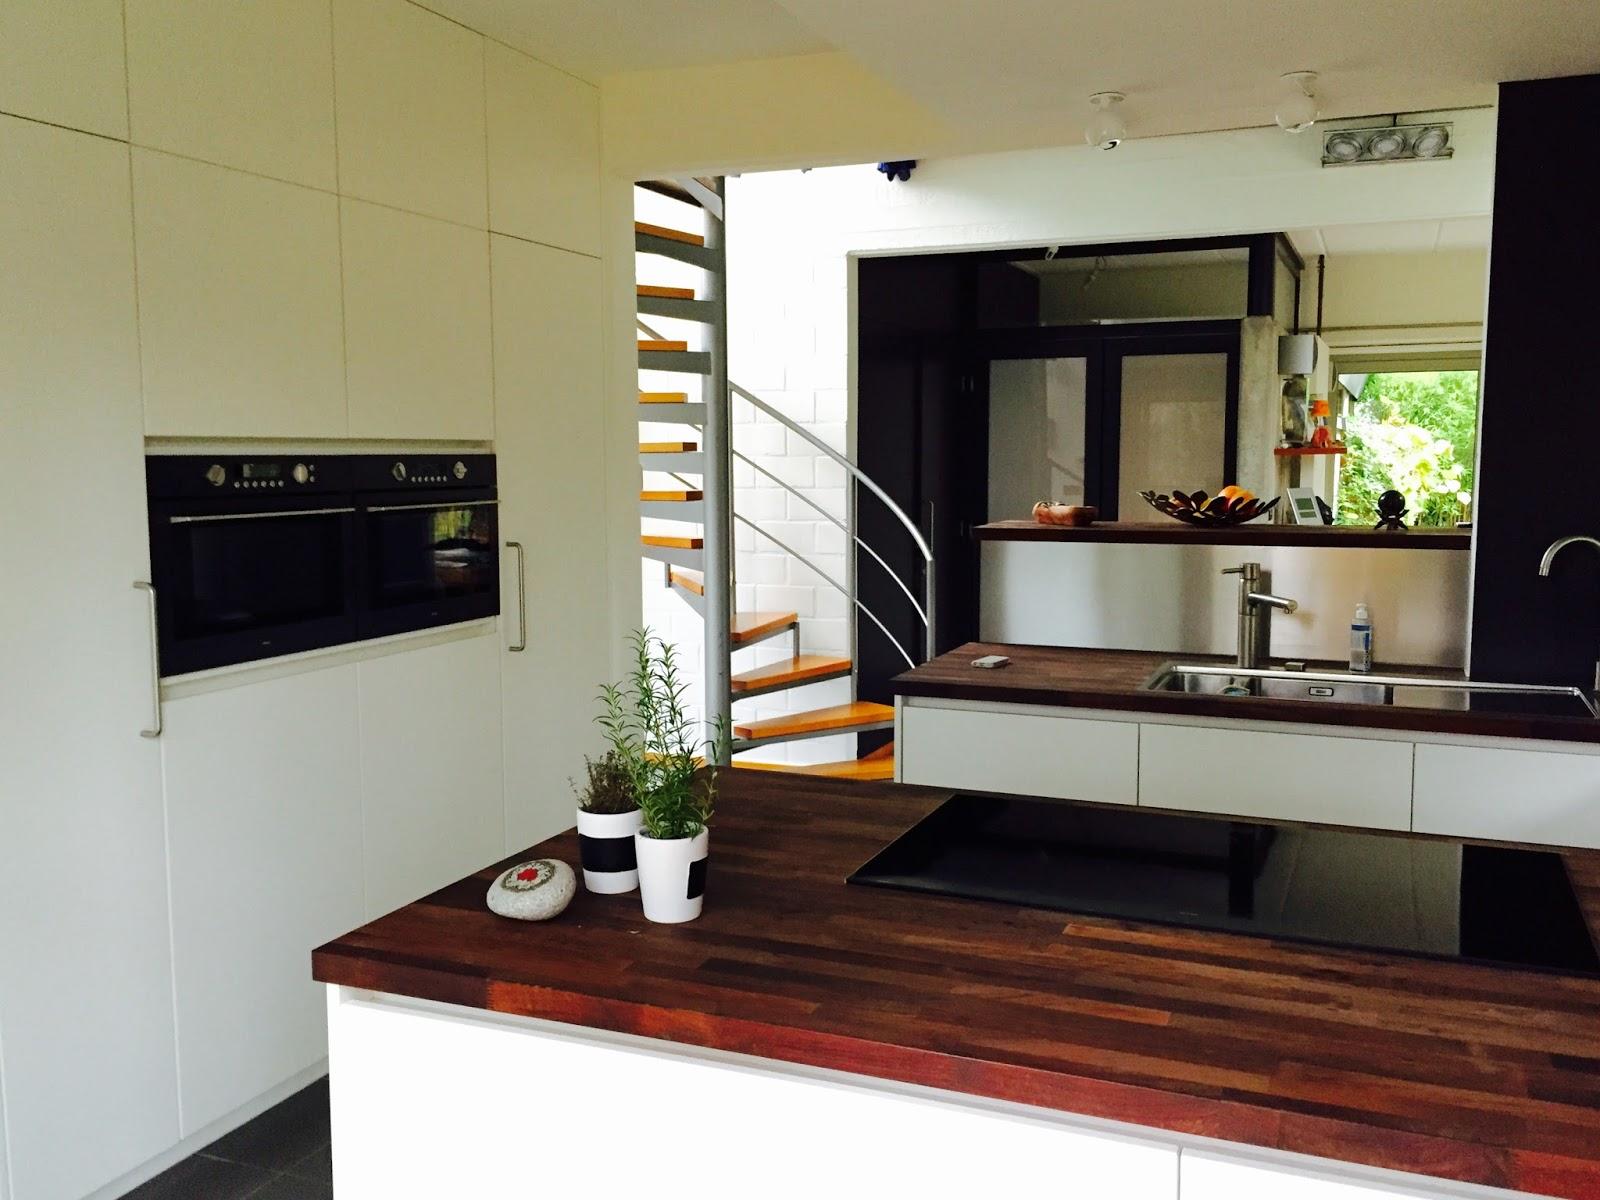 keuken inclusief tv meubel